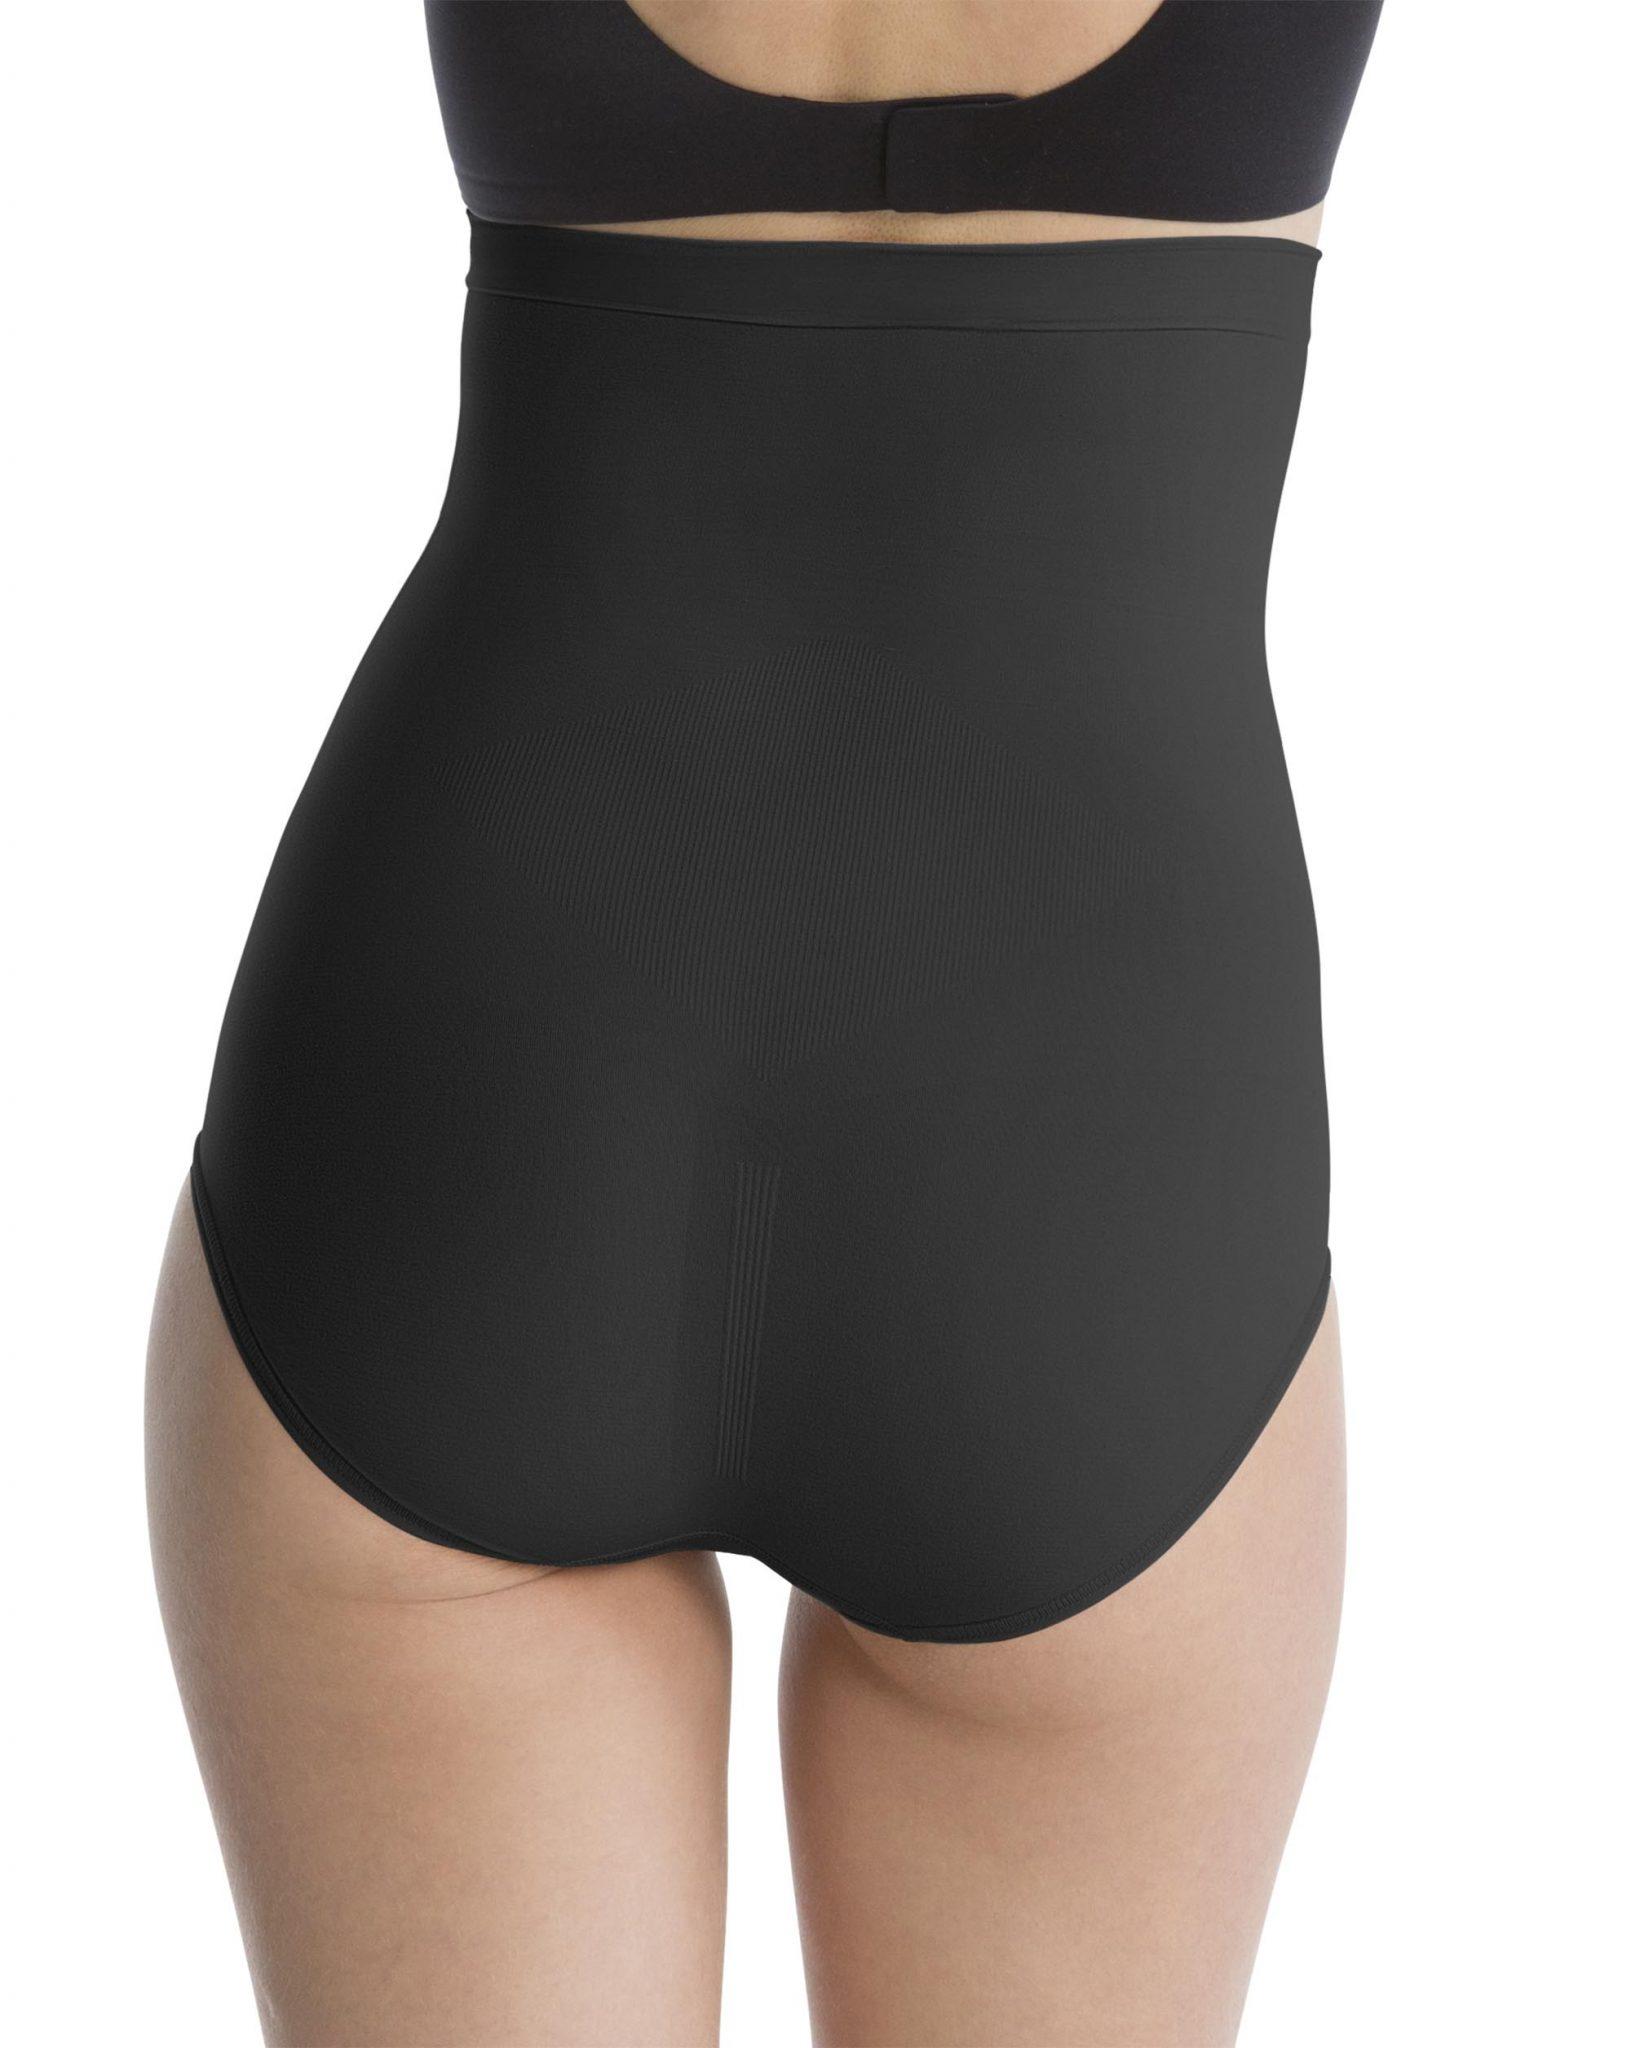 669b1cf3efc77 Spanx Higher Power Panties. Home / Panties / Spanx Higher Power Panties ...